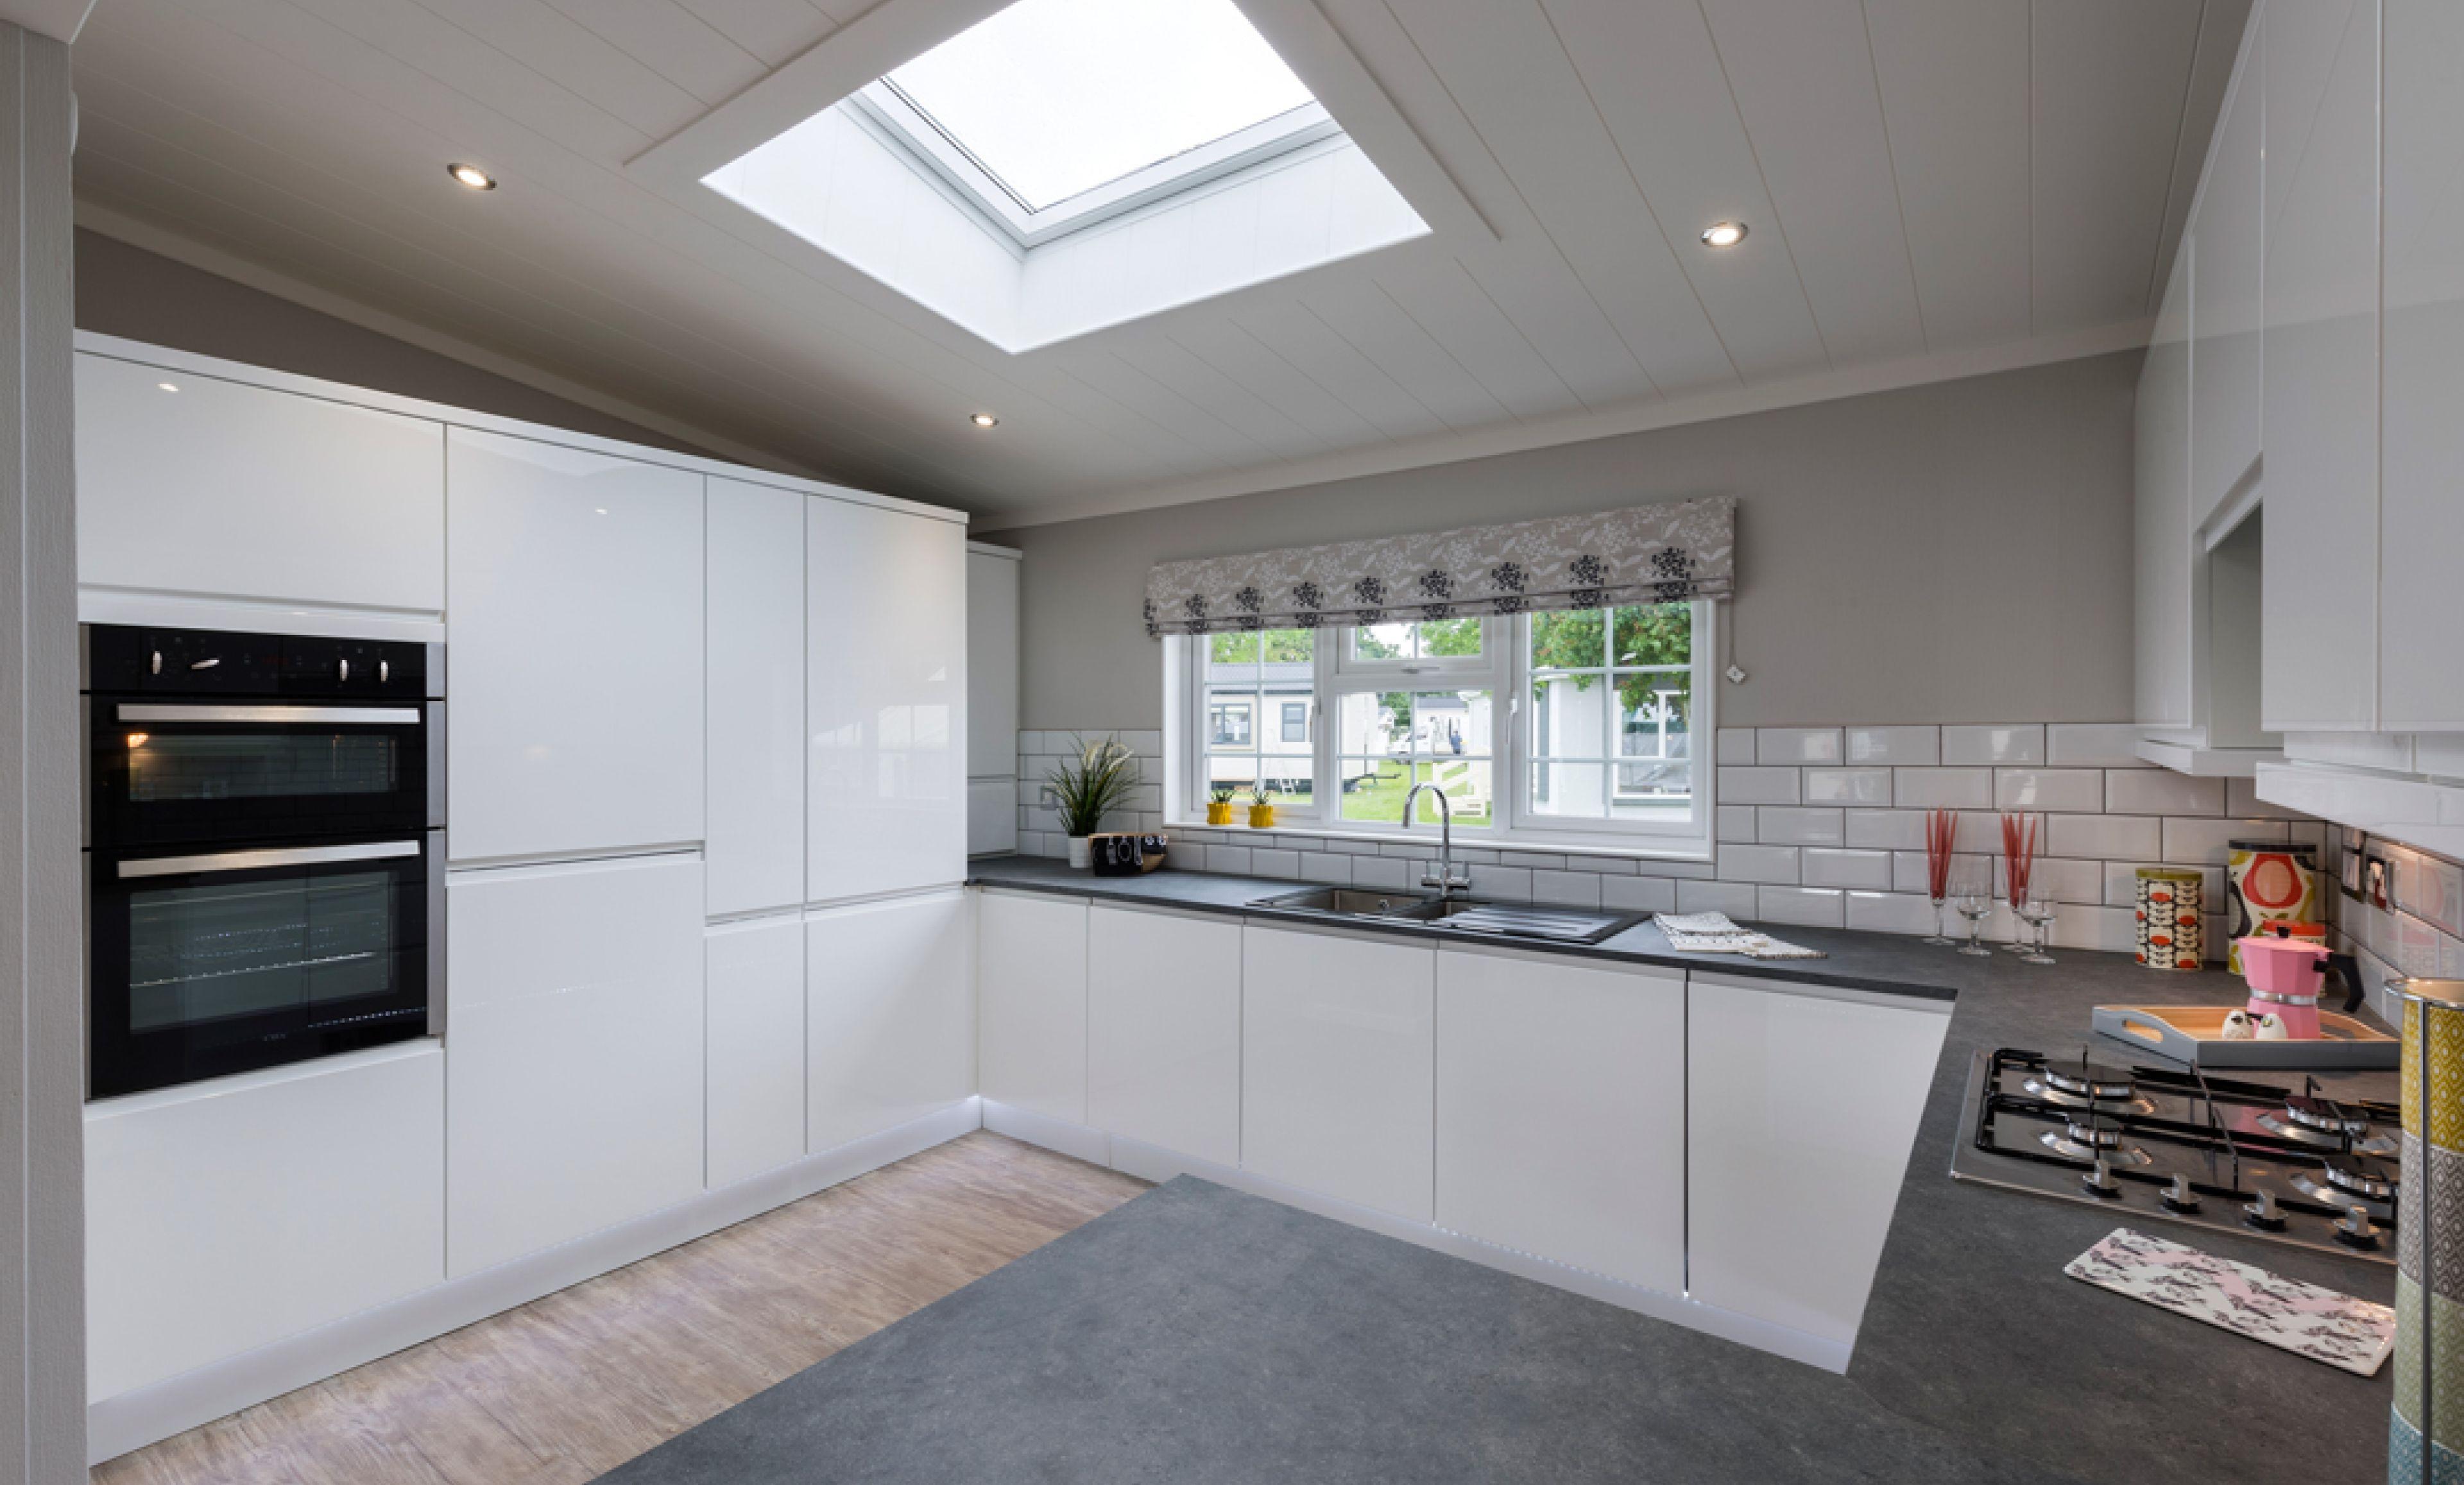 The Kensington kitchen